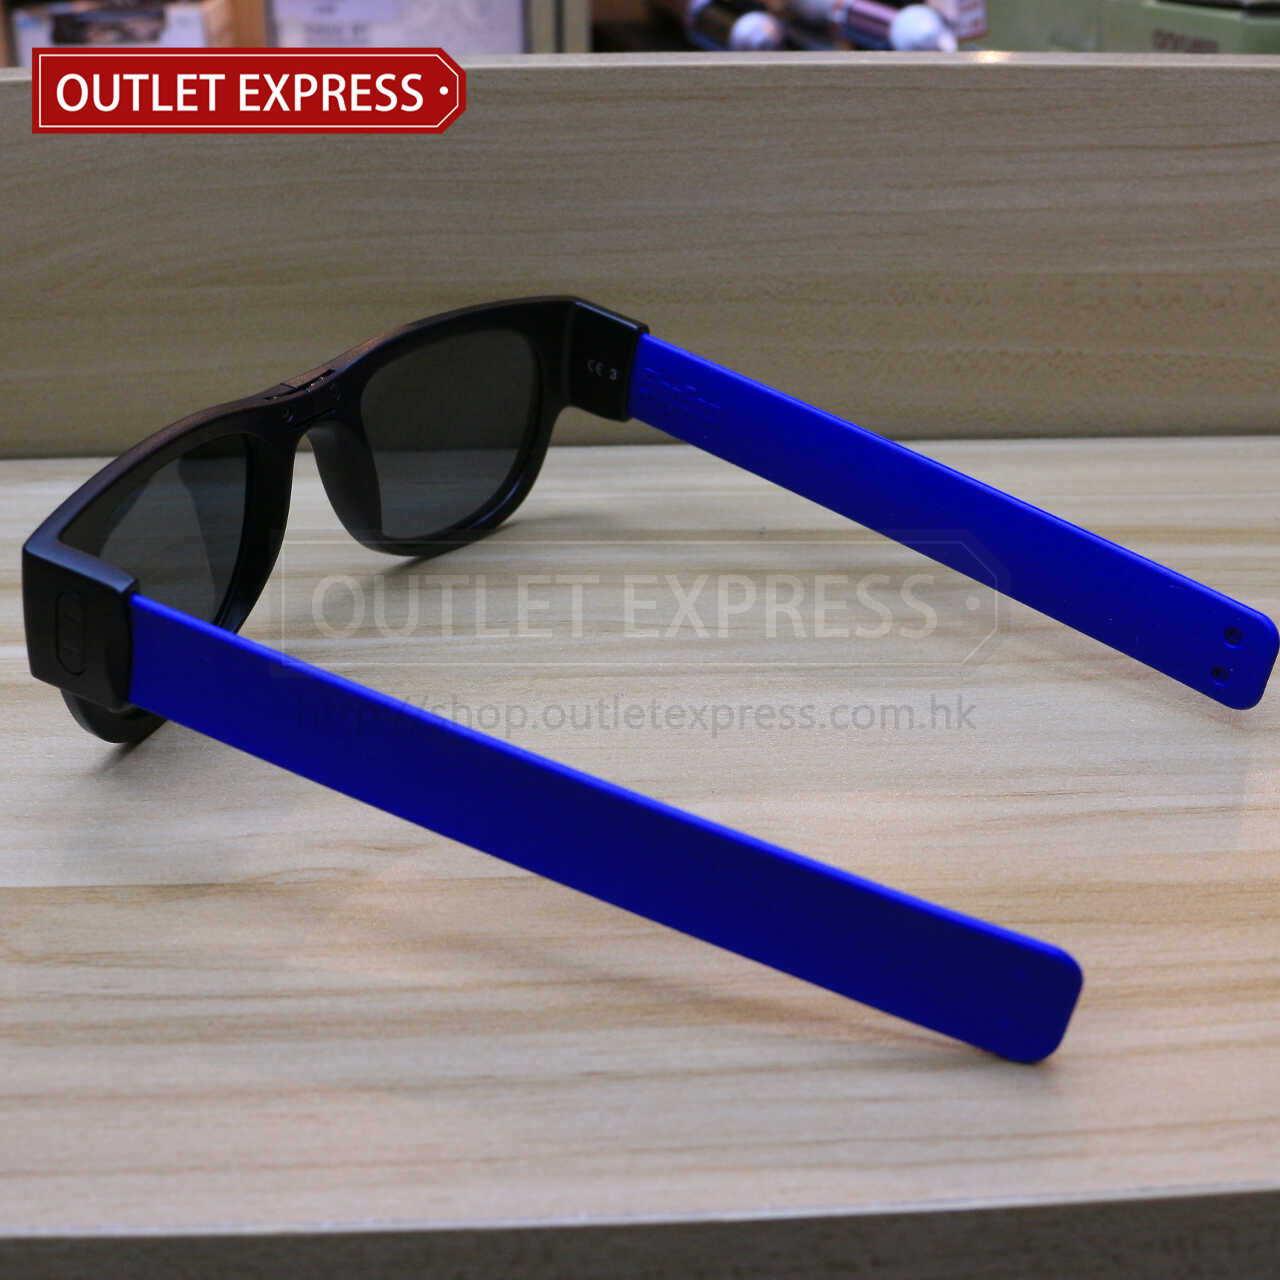 紐西蘭 SlapSee 變形偏光太陽眼鏡  側面圖- Outlet Express HK 生活百貨城實拍圖